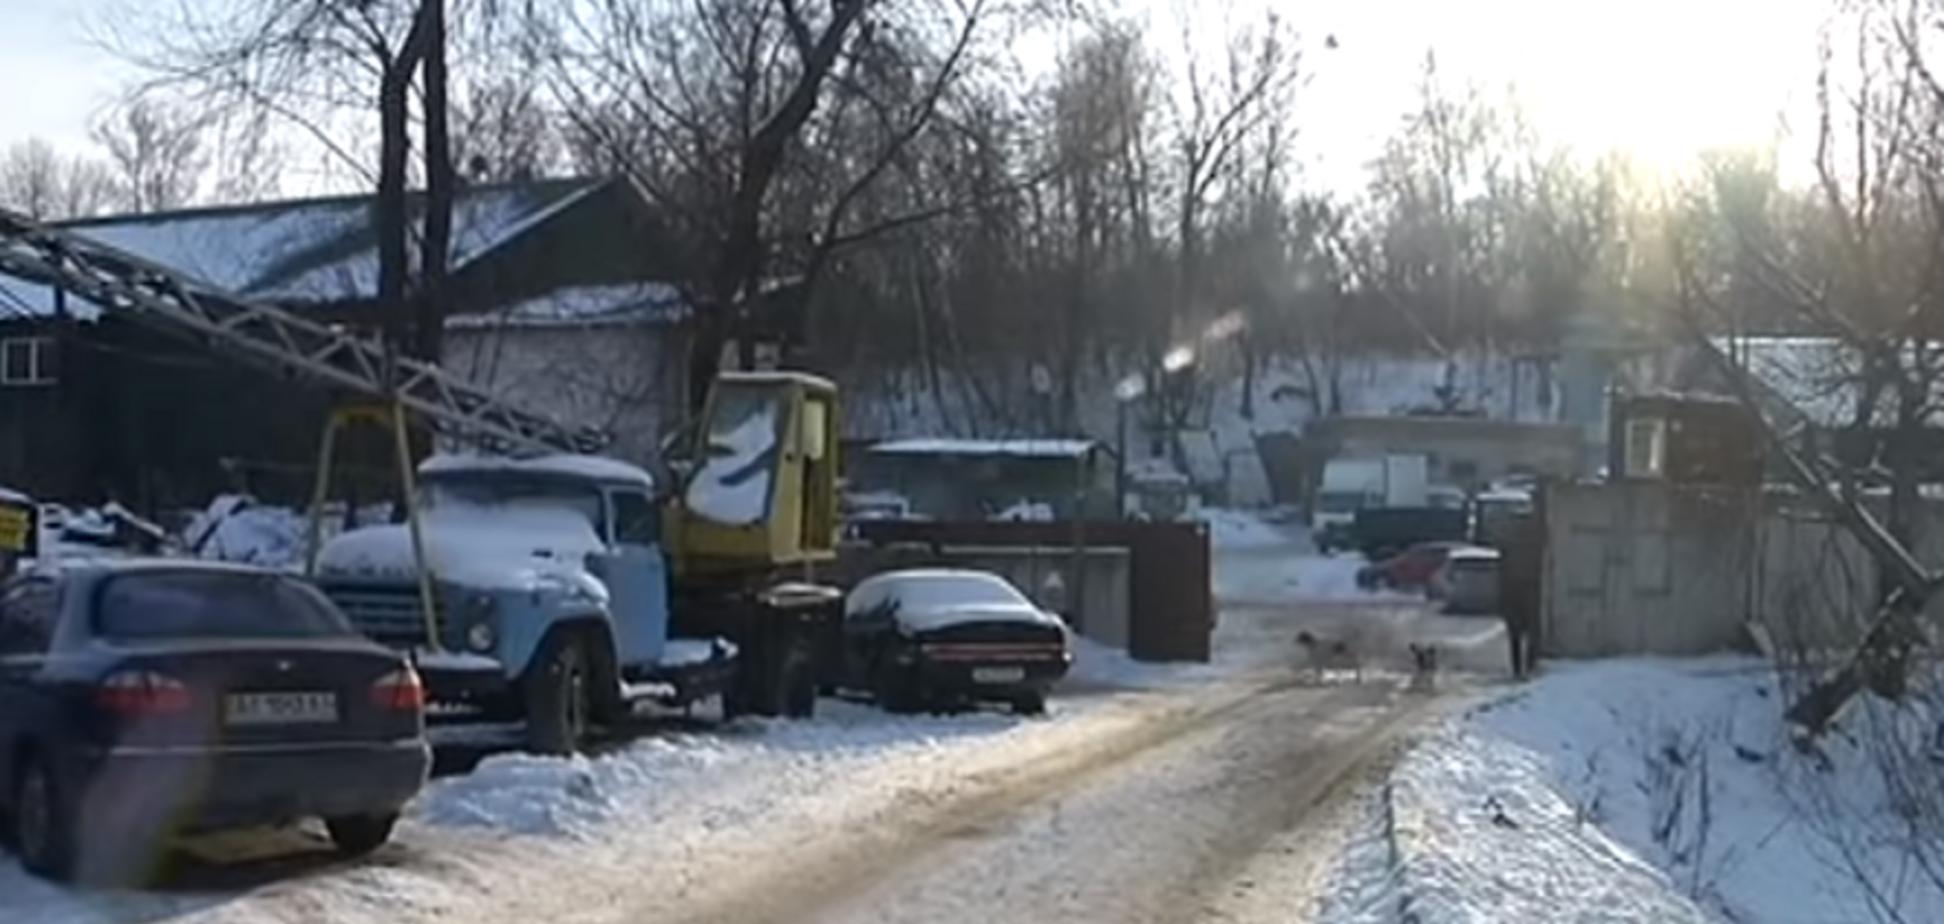 Живет на предприятии: всплыли шокирующие подробности о 'маньяке' в Киеве